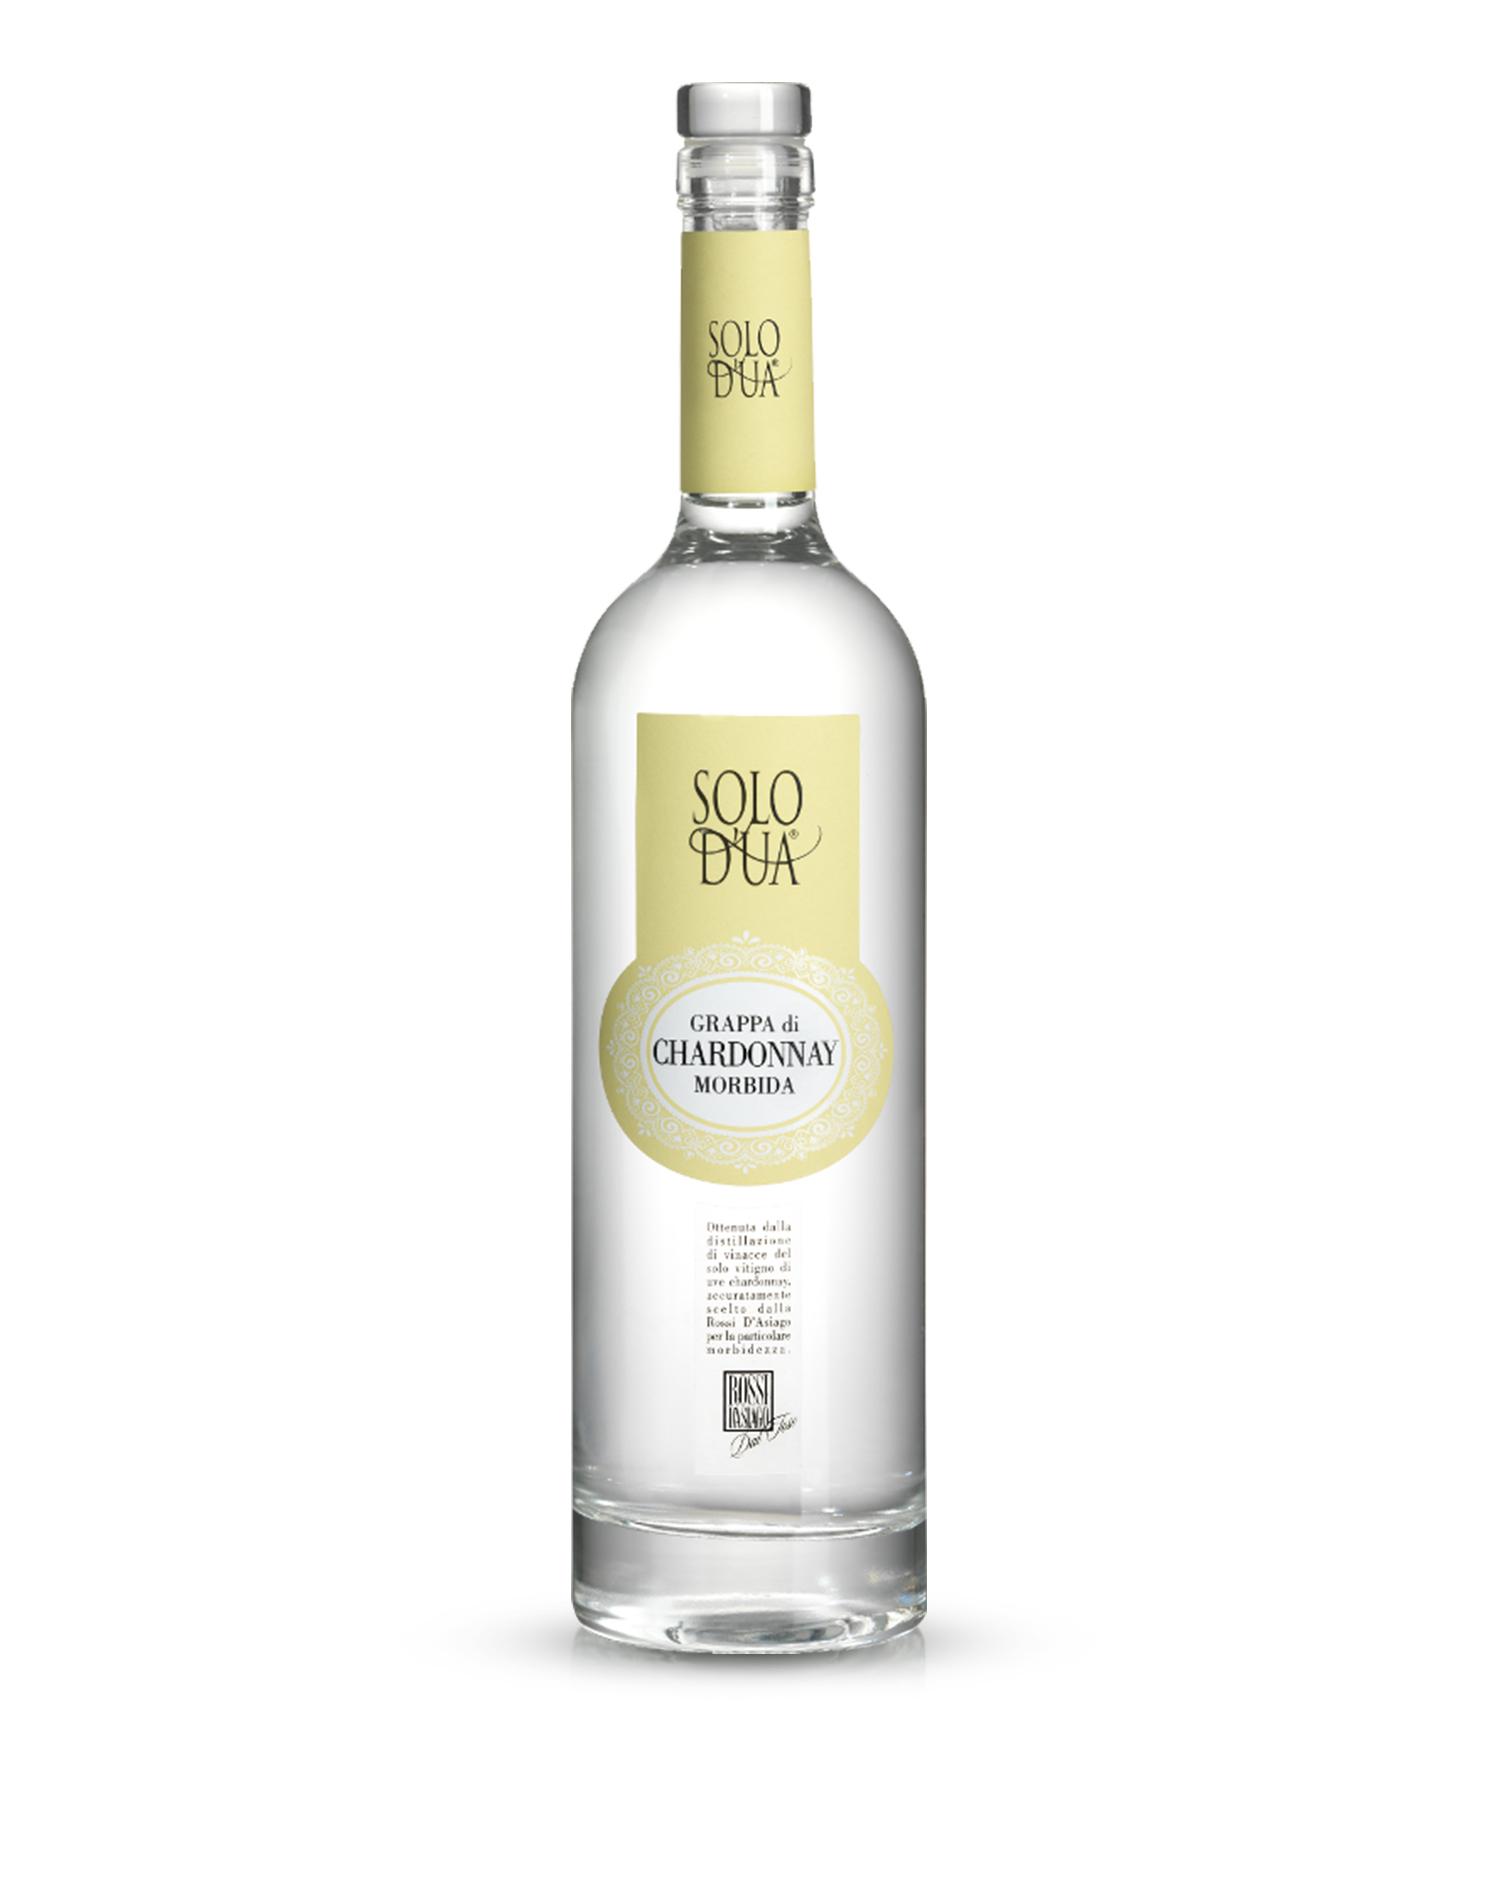 Solo d'Ua Grappa di Chardonnay